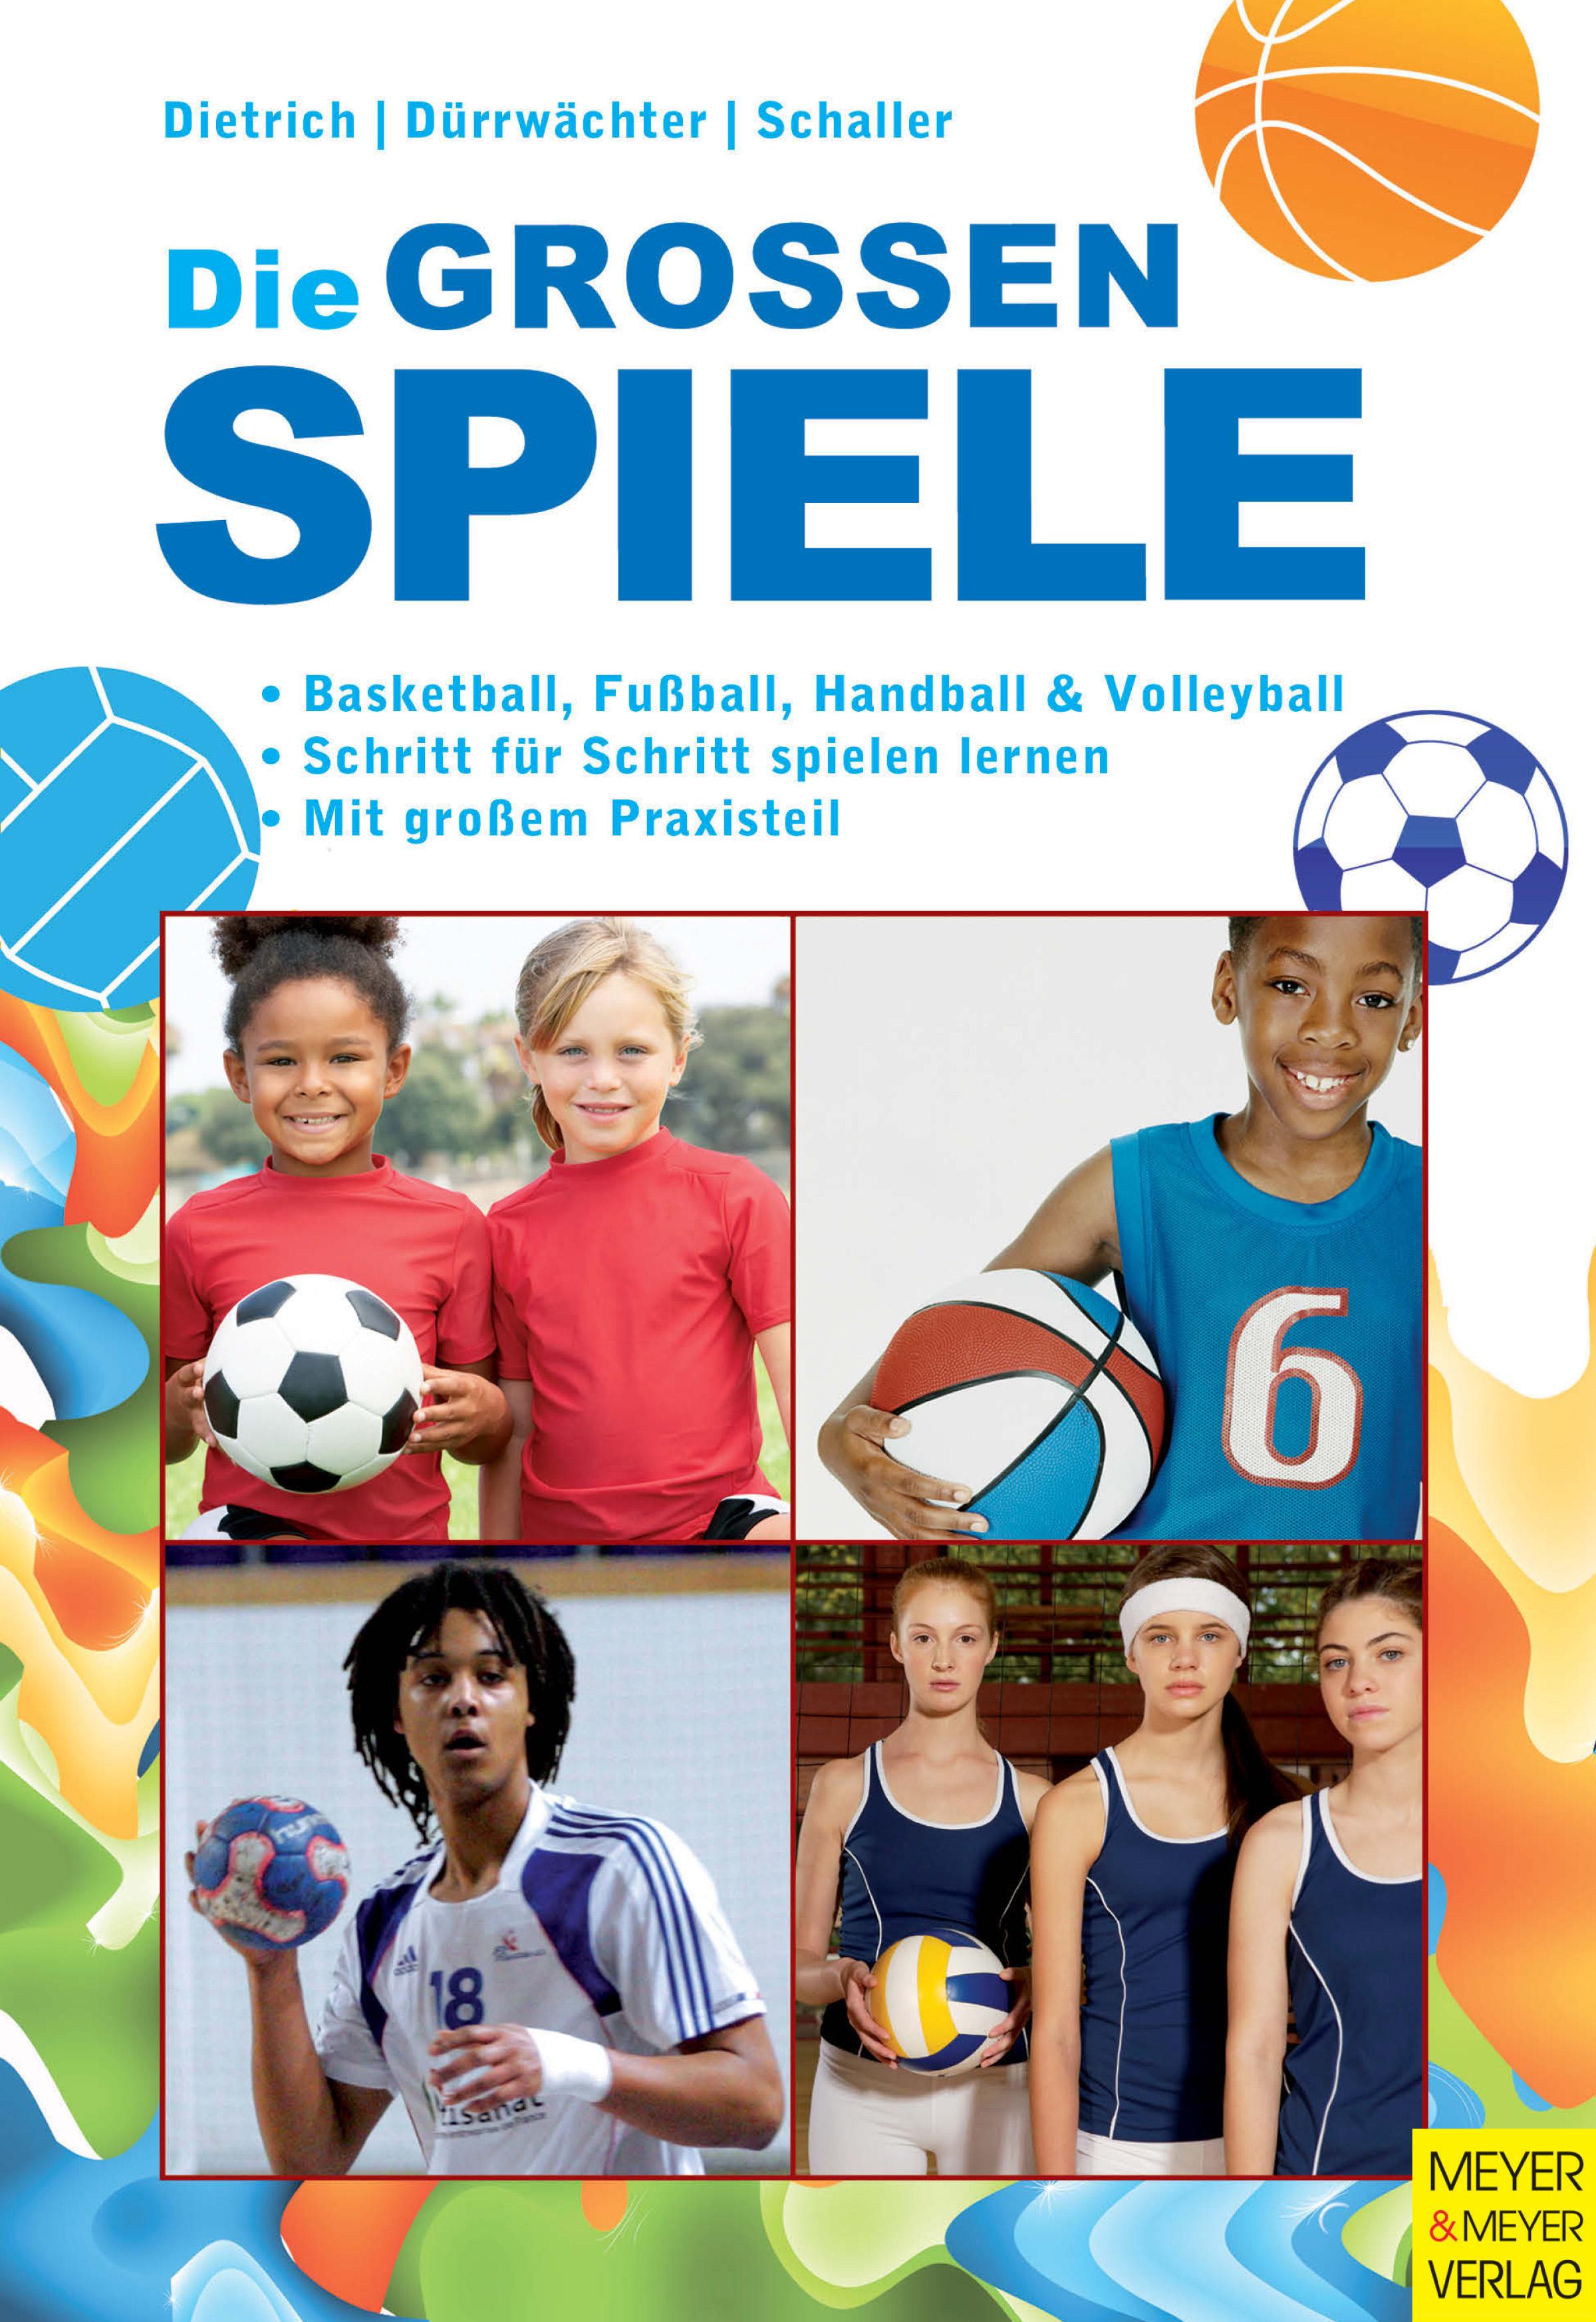 NEU Die großen Spiele Hans-Jürgen Schaller 997058